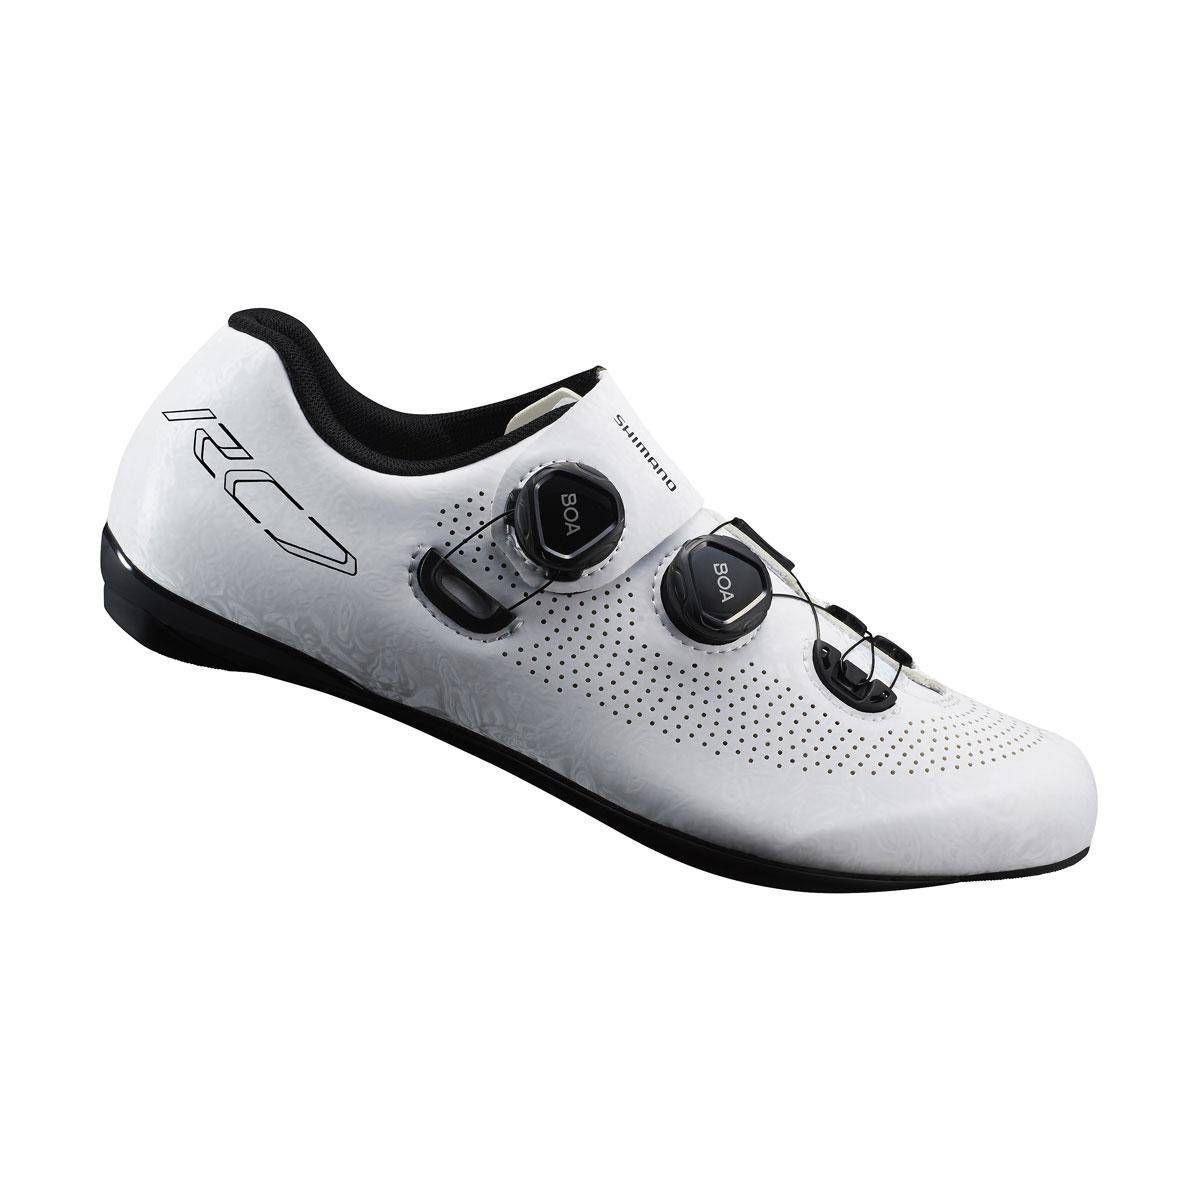 SHIMANO silniční obuv SH-RC701MW, bílá, 42, širší provedení